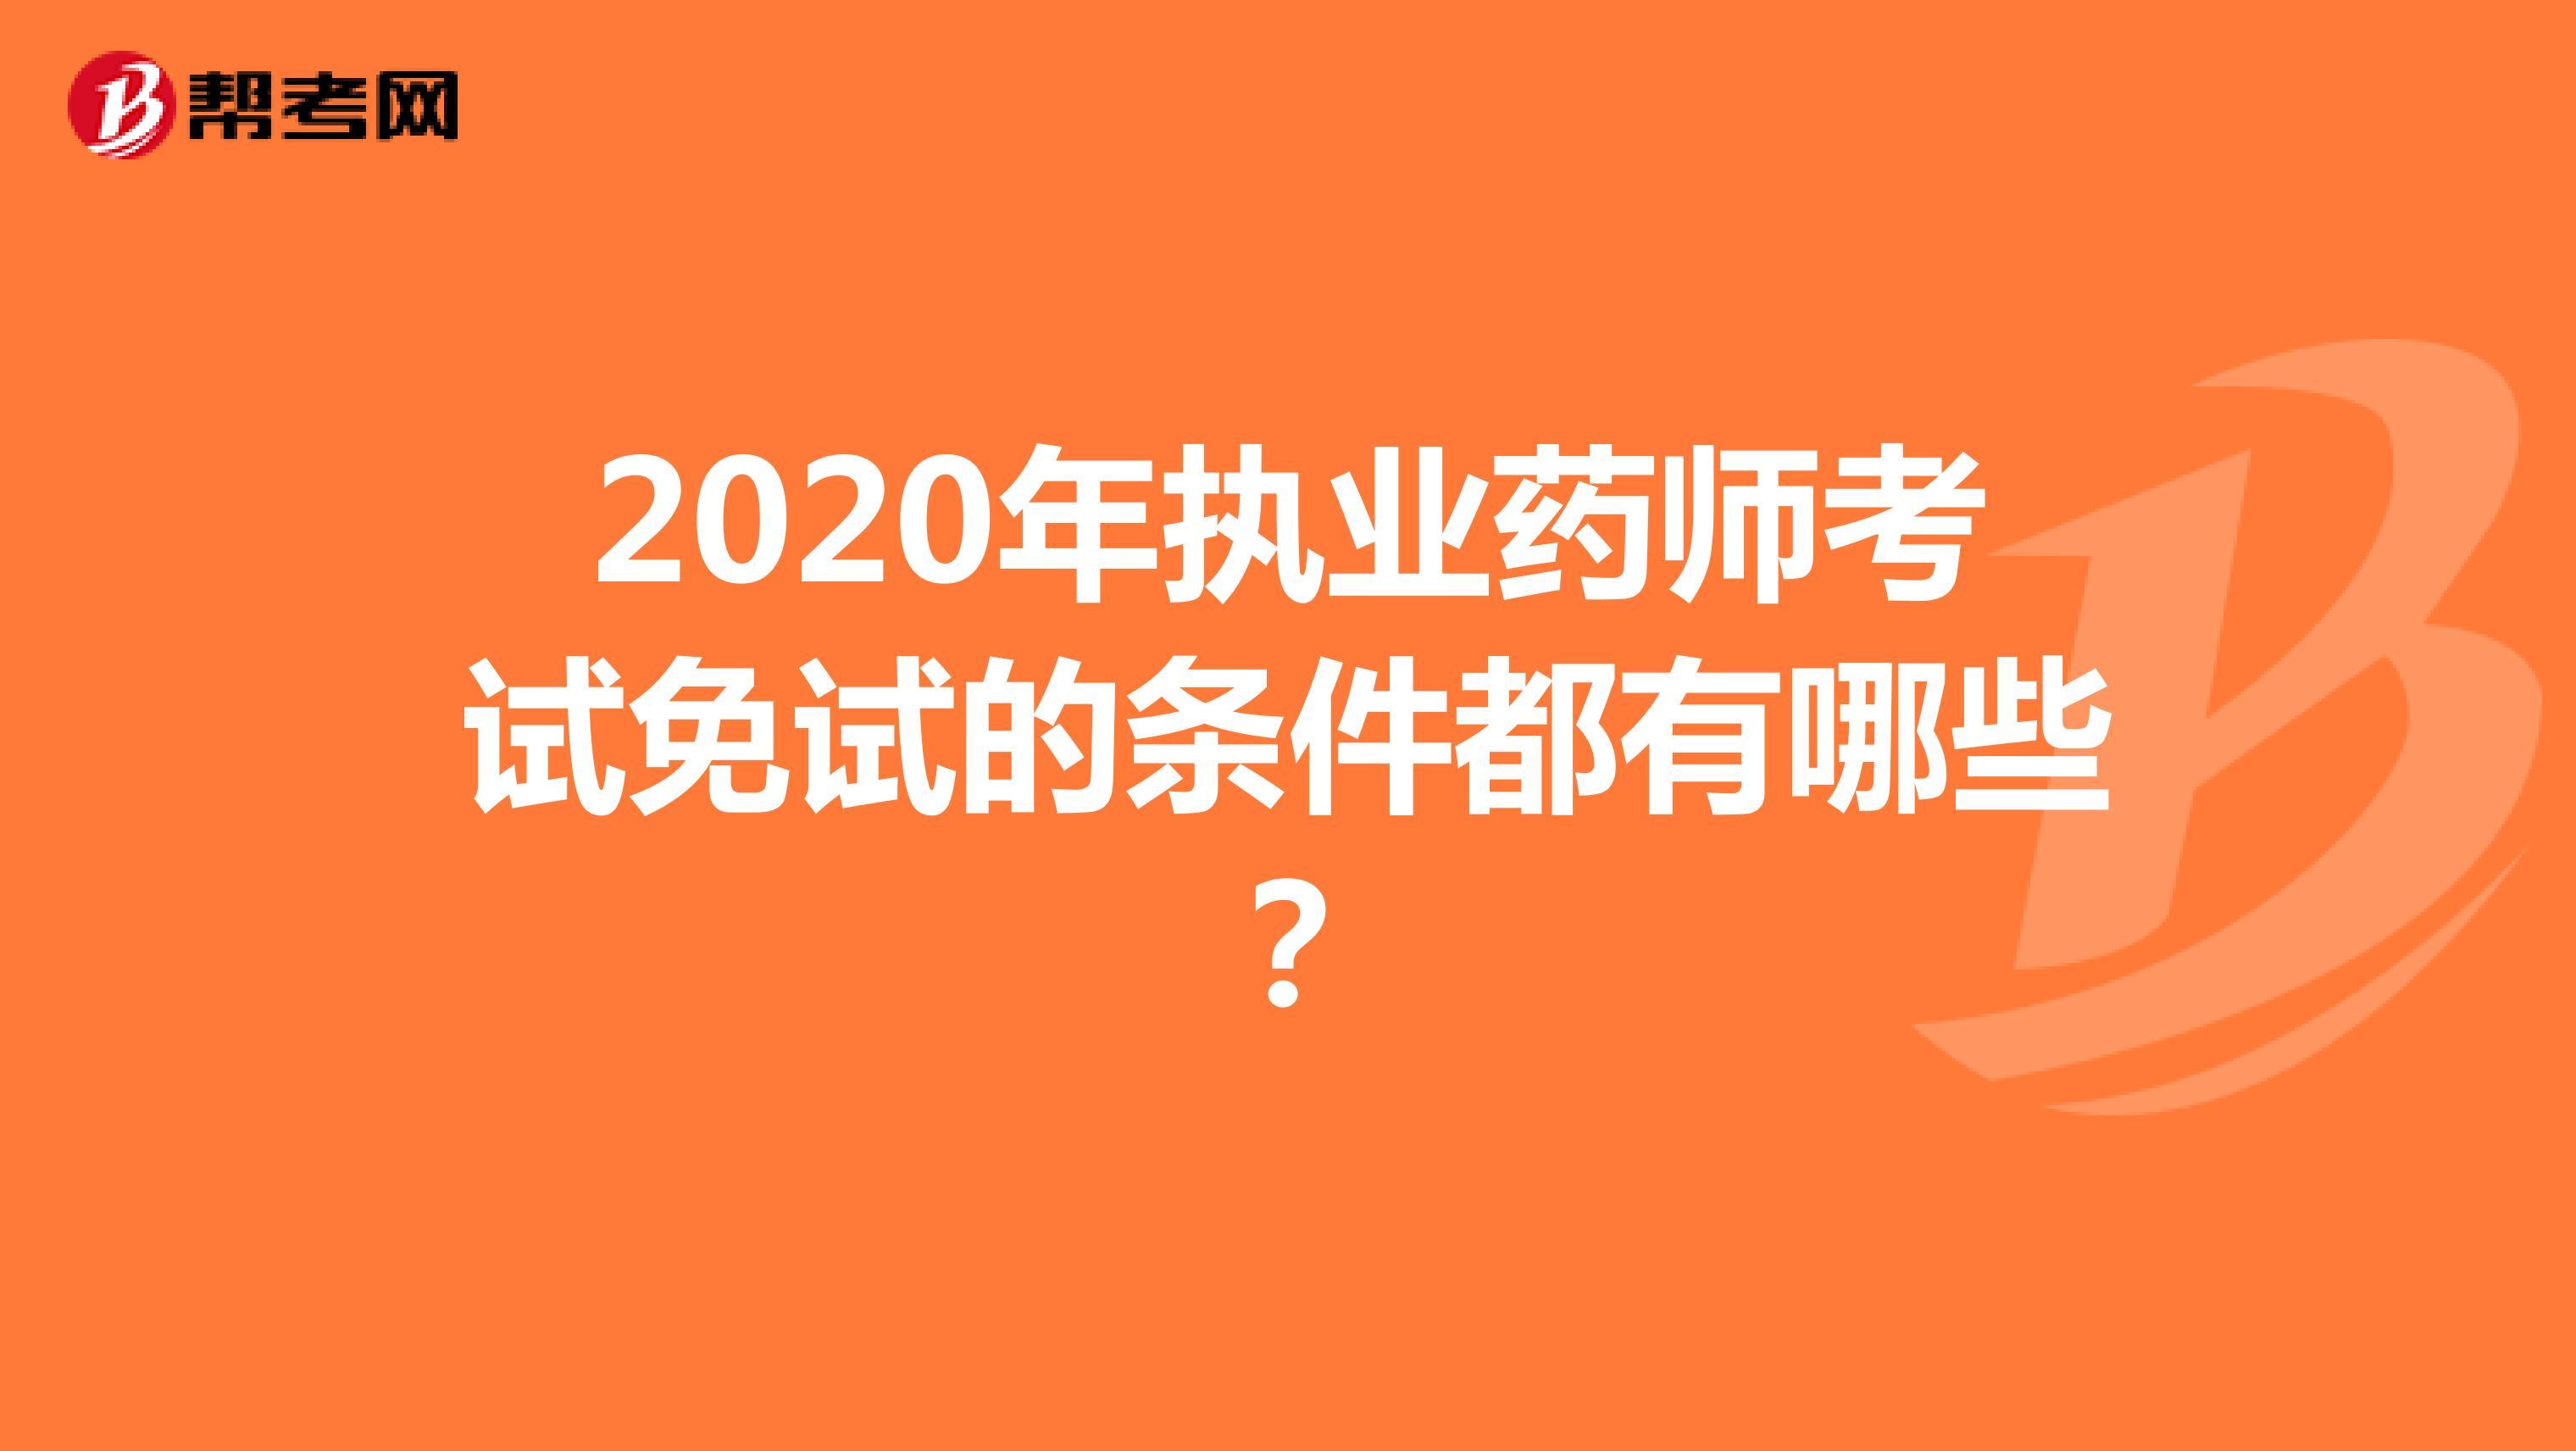 2020年雷火下载雷火免试的条件都有哪些?